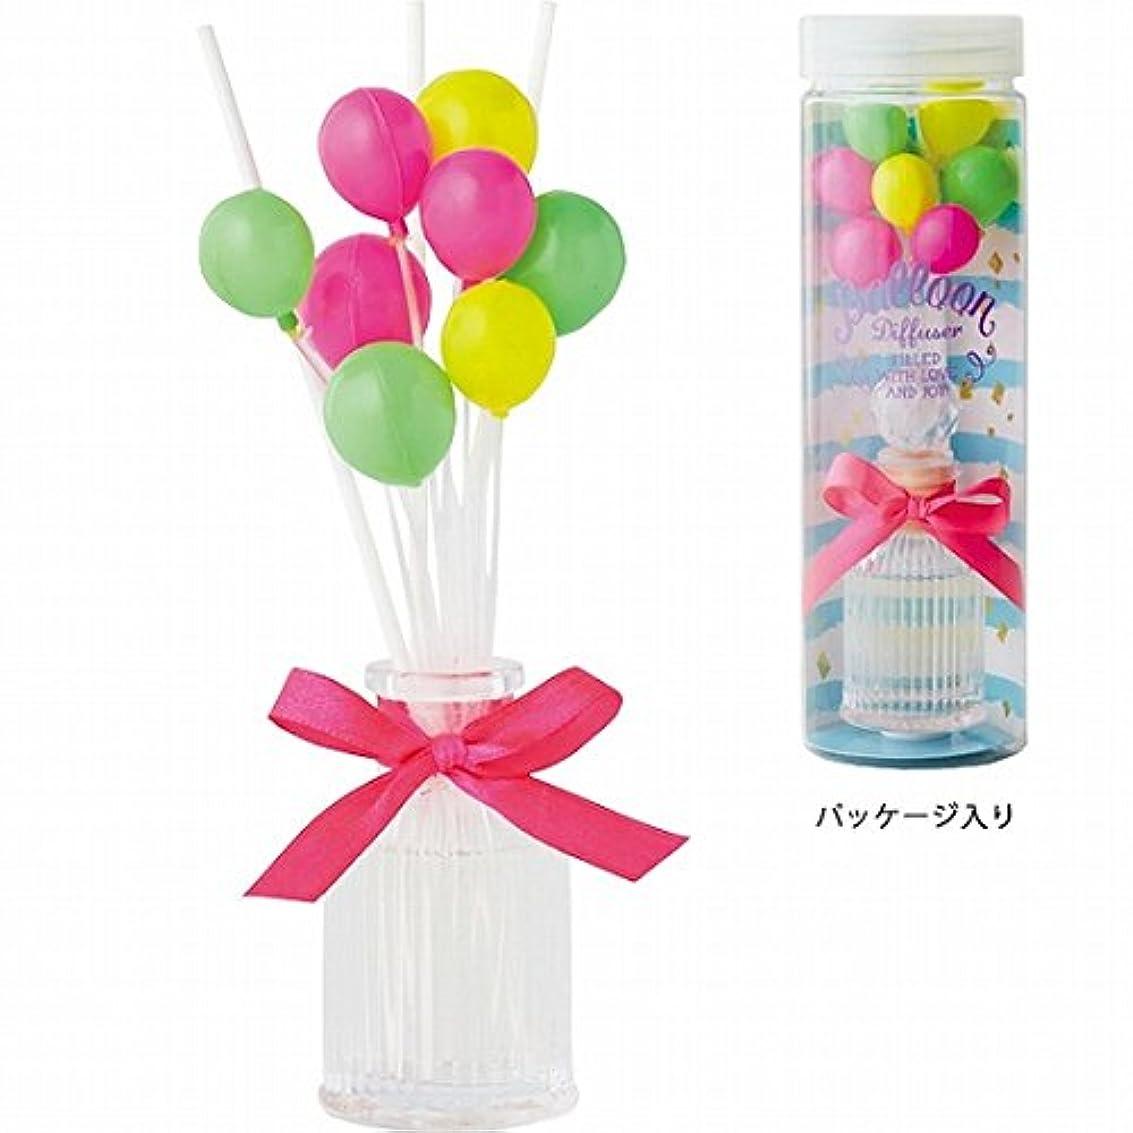 強制的バンケットベックスkameyama candle(カメヤマキャンドル) バルーンディフューザー(E3290510)